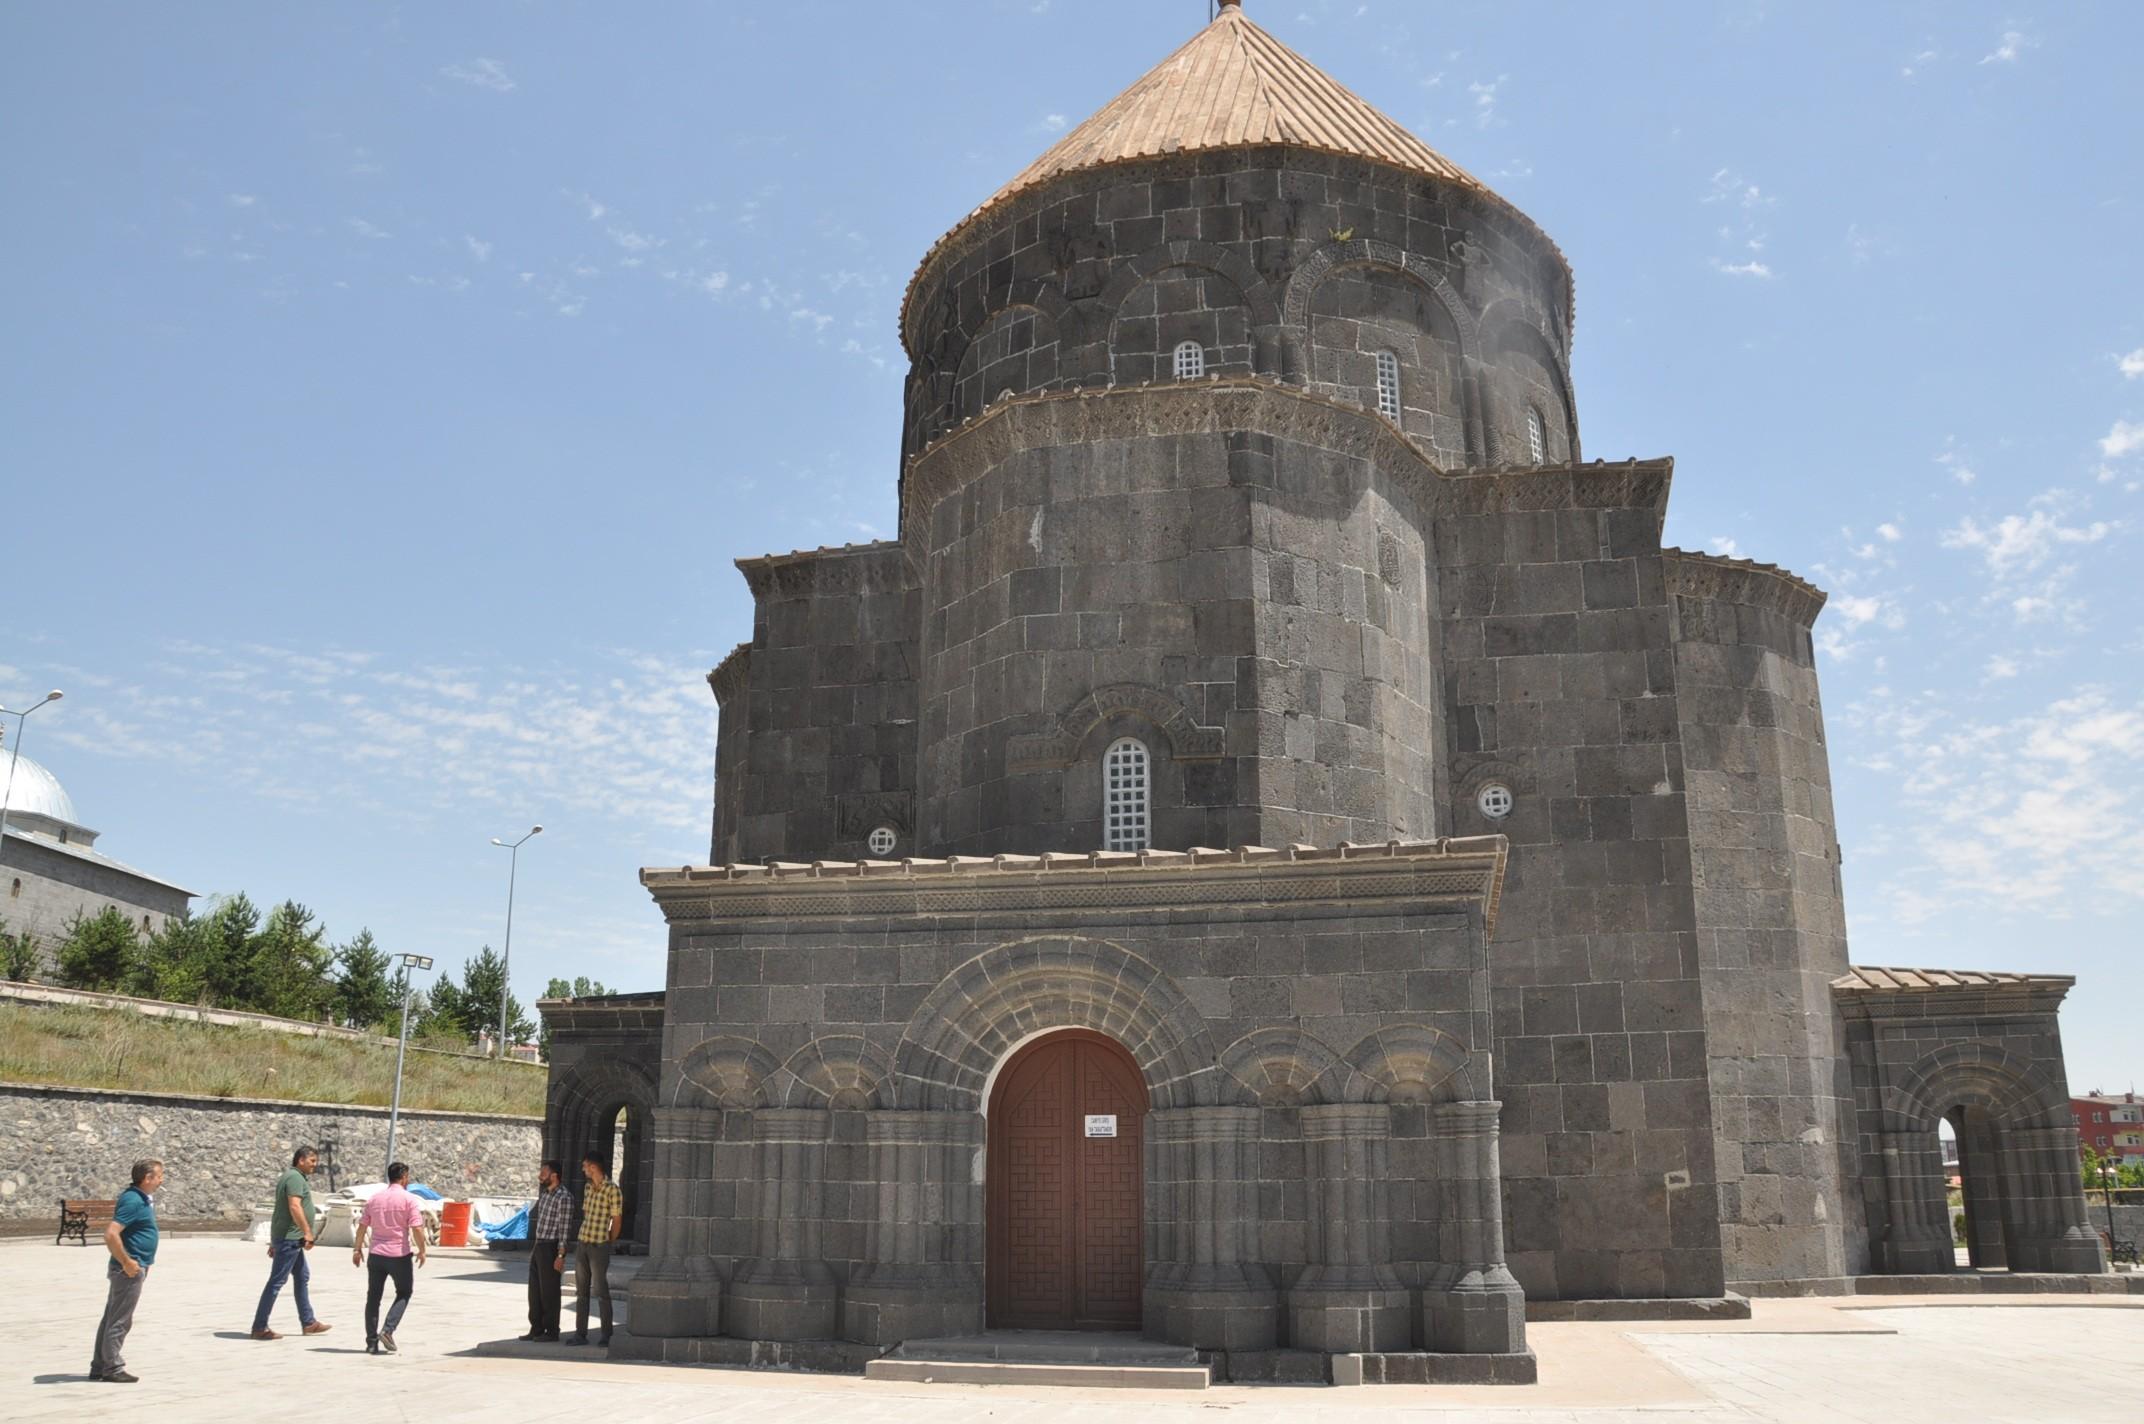 karsli-turizmciler-kumbet-camii'nin-muze-olmasini-istiyor-(2).jpg